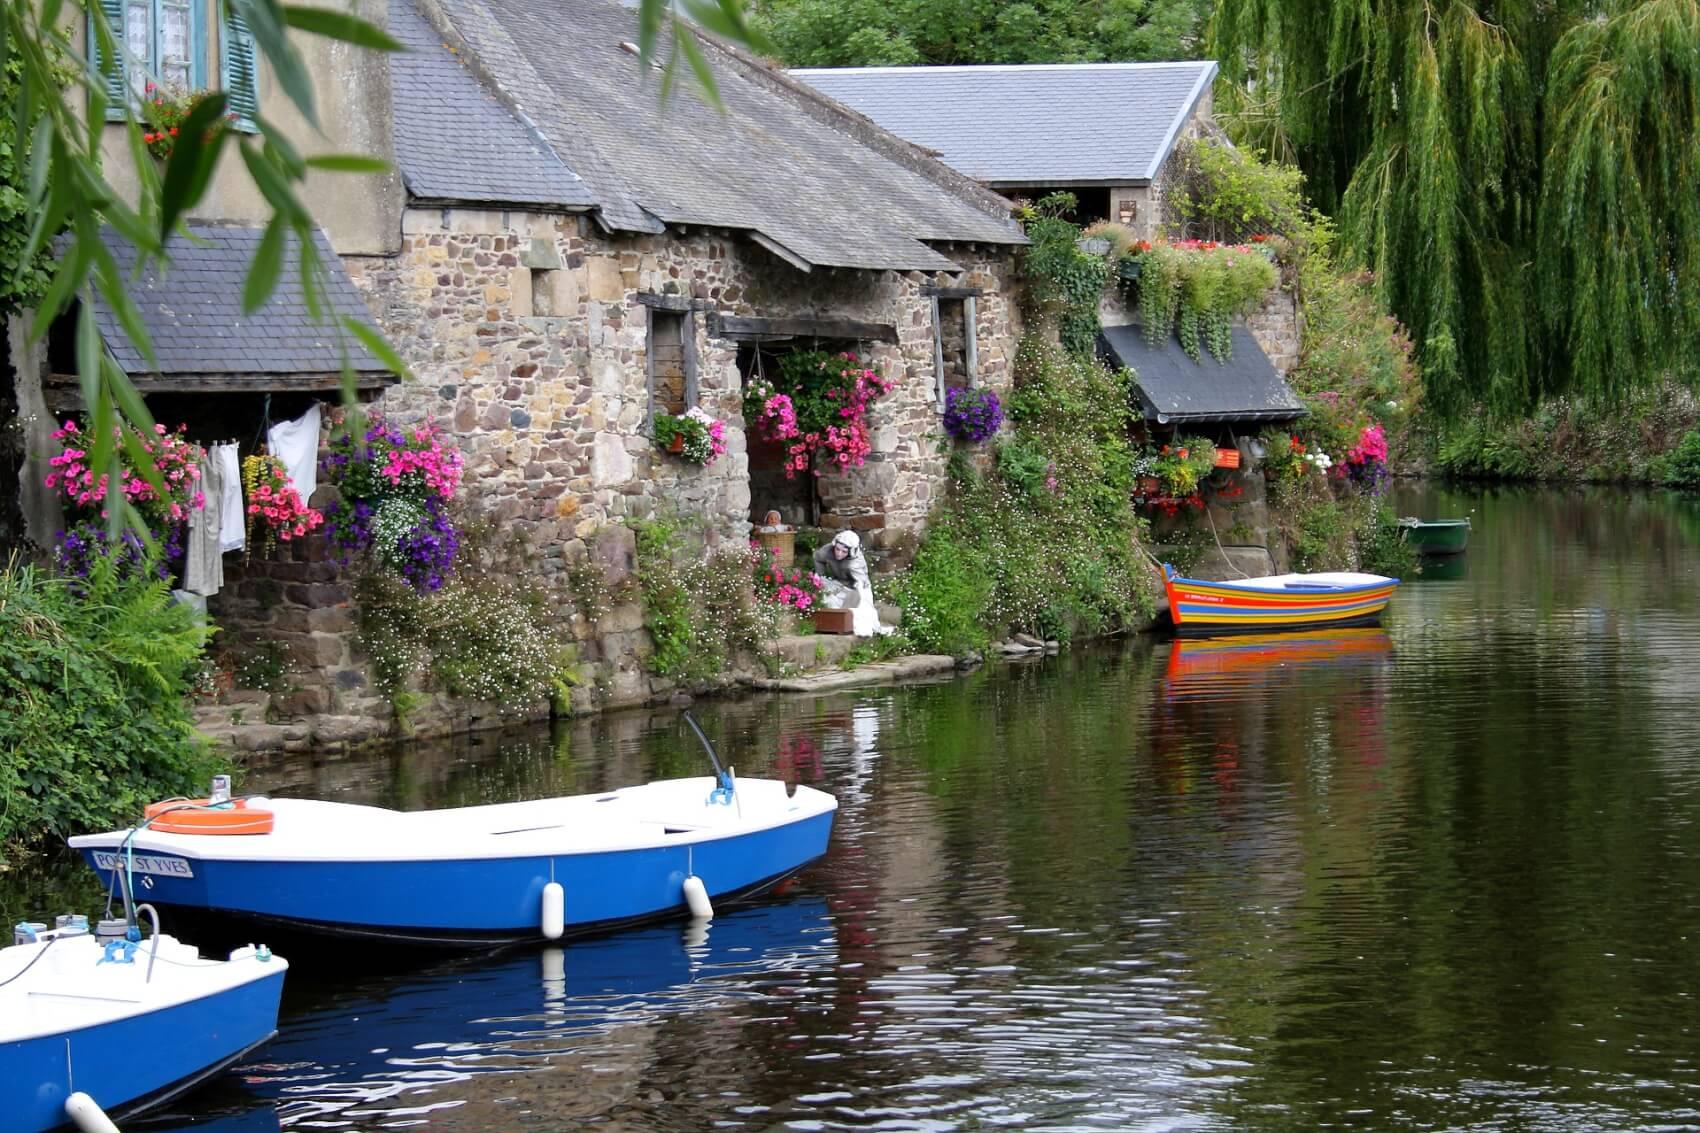 Promenade en barque à la découverte des lavoirs de Pontrieux